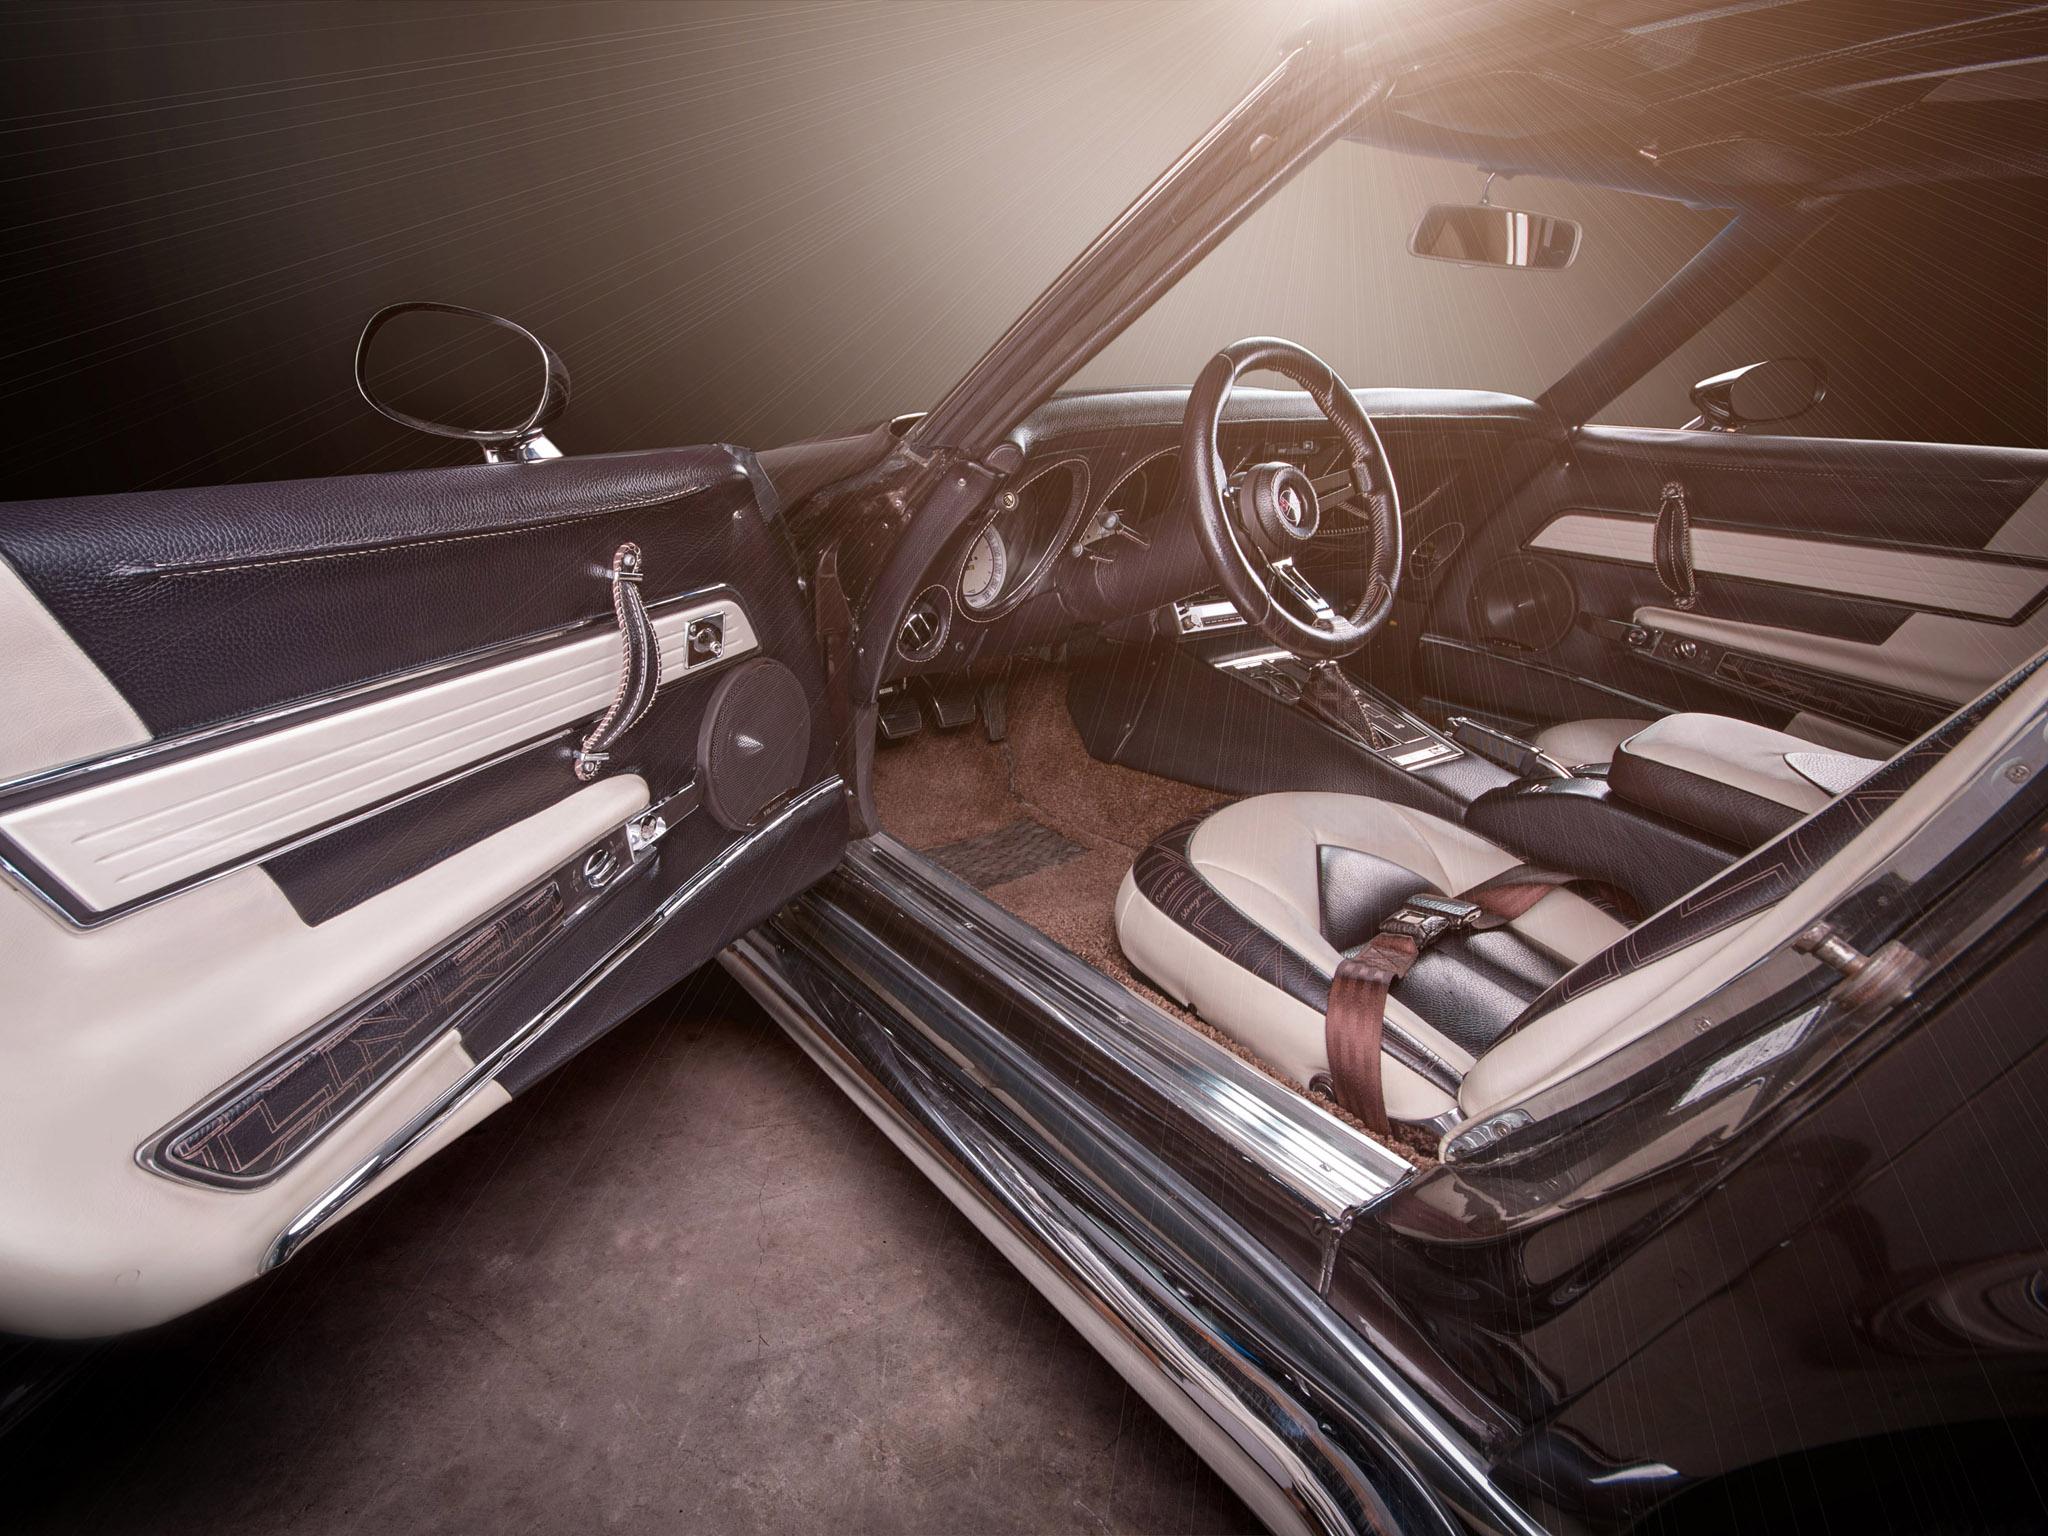 1976 Vilner Chevrolet Corvette Stingray Muscle Supercar